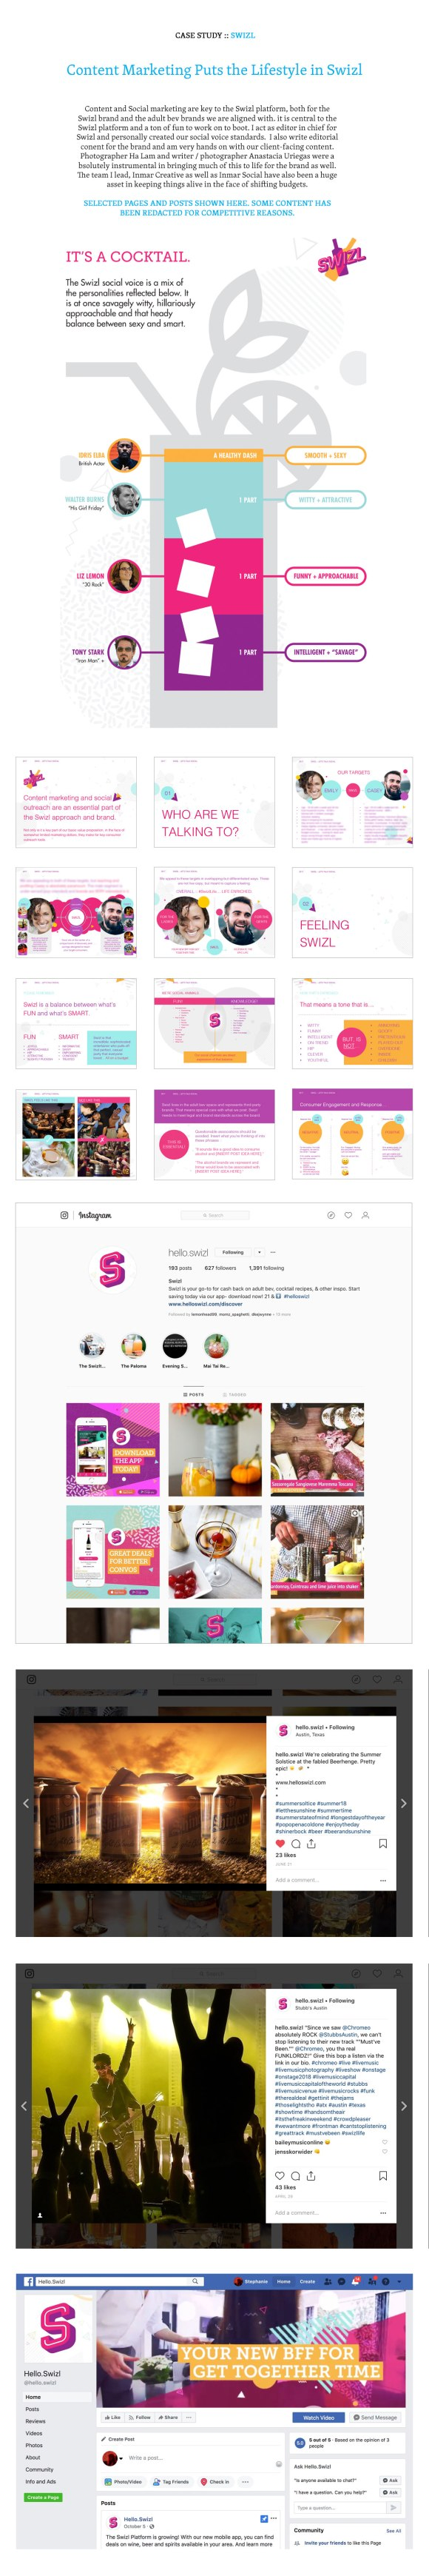 swizl_social_full